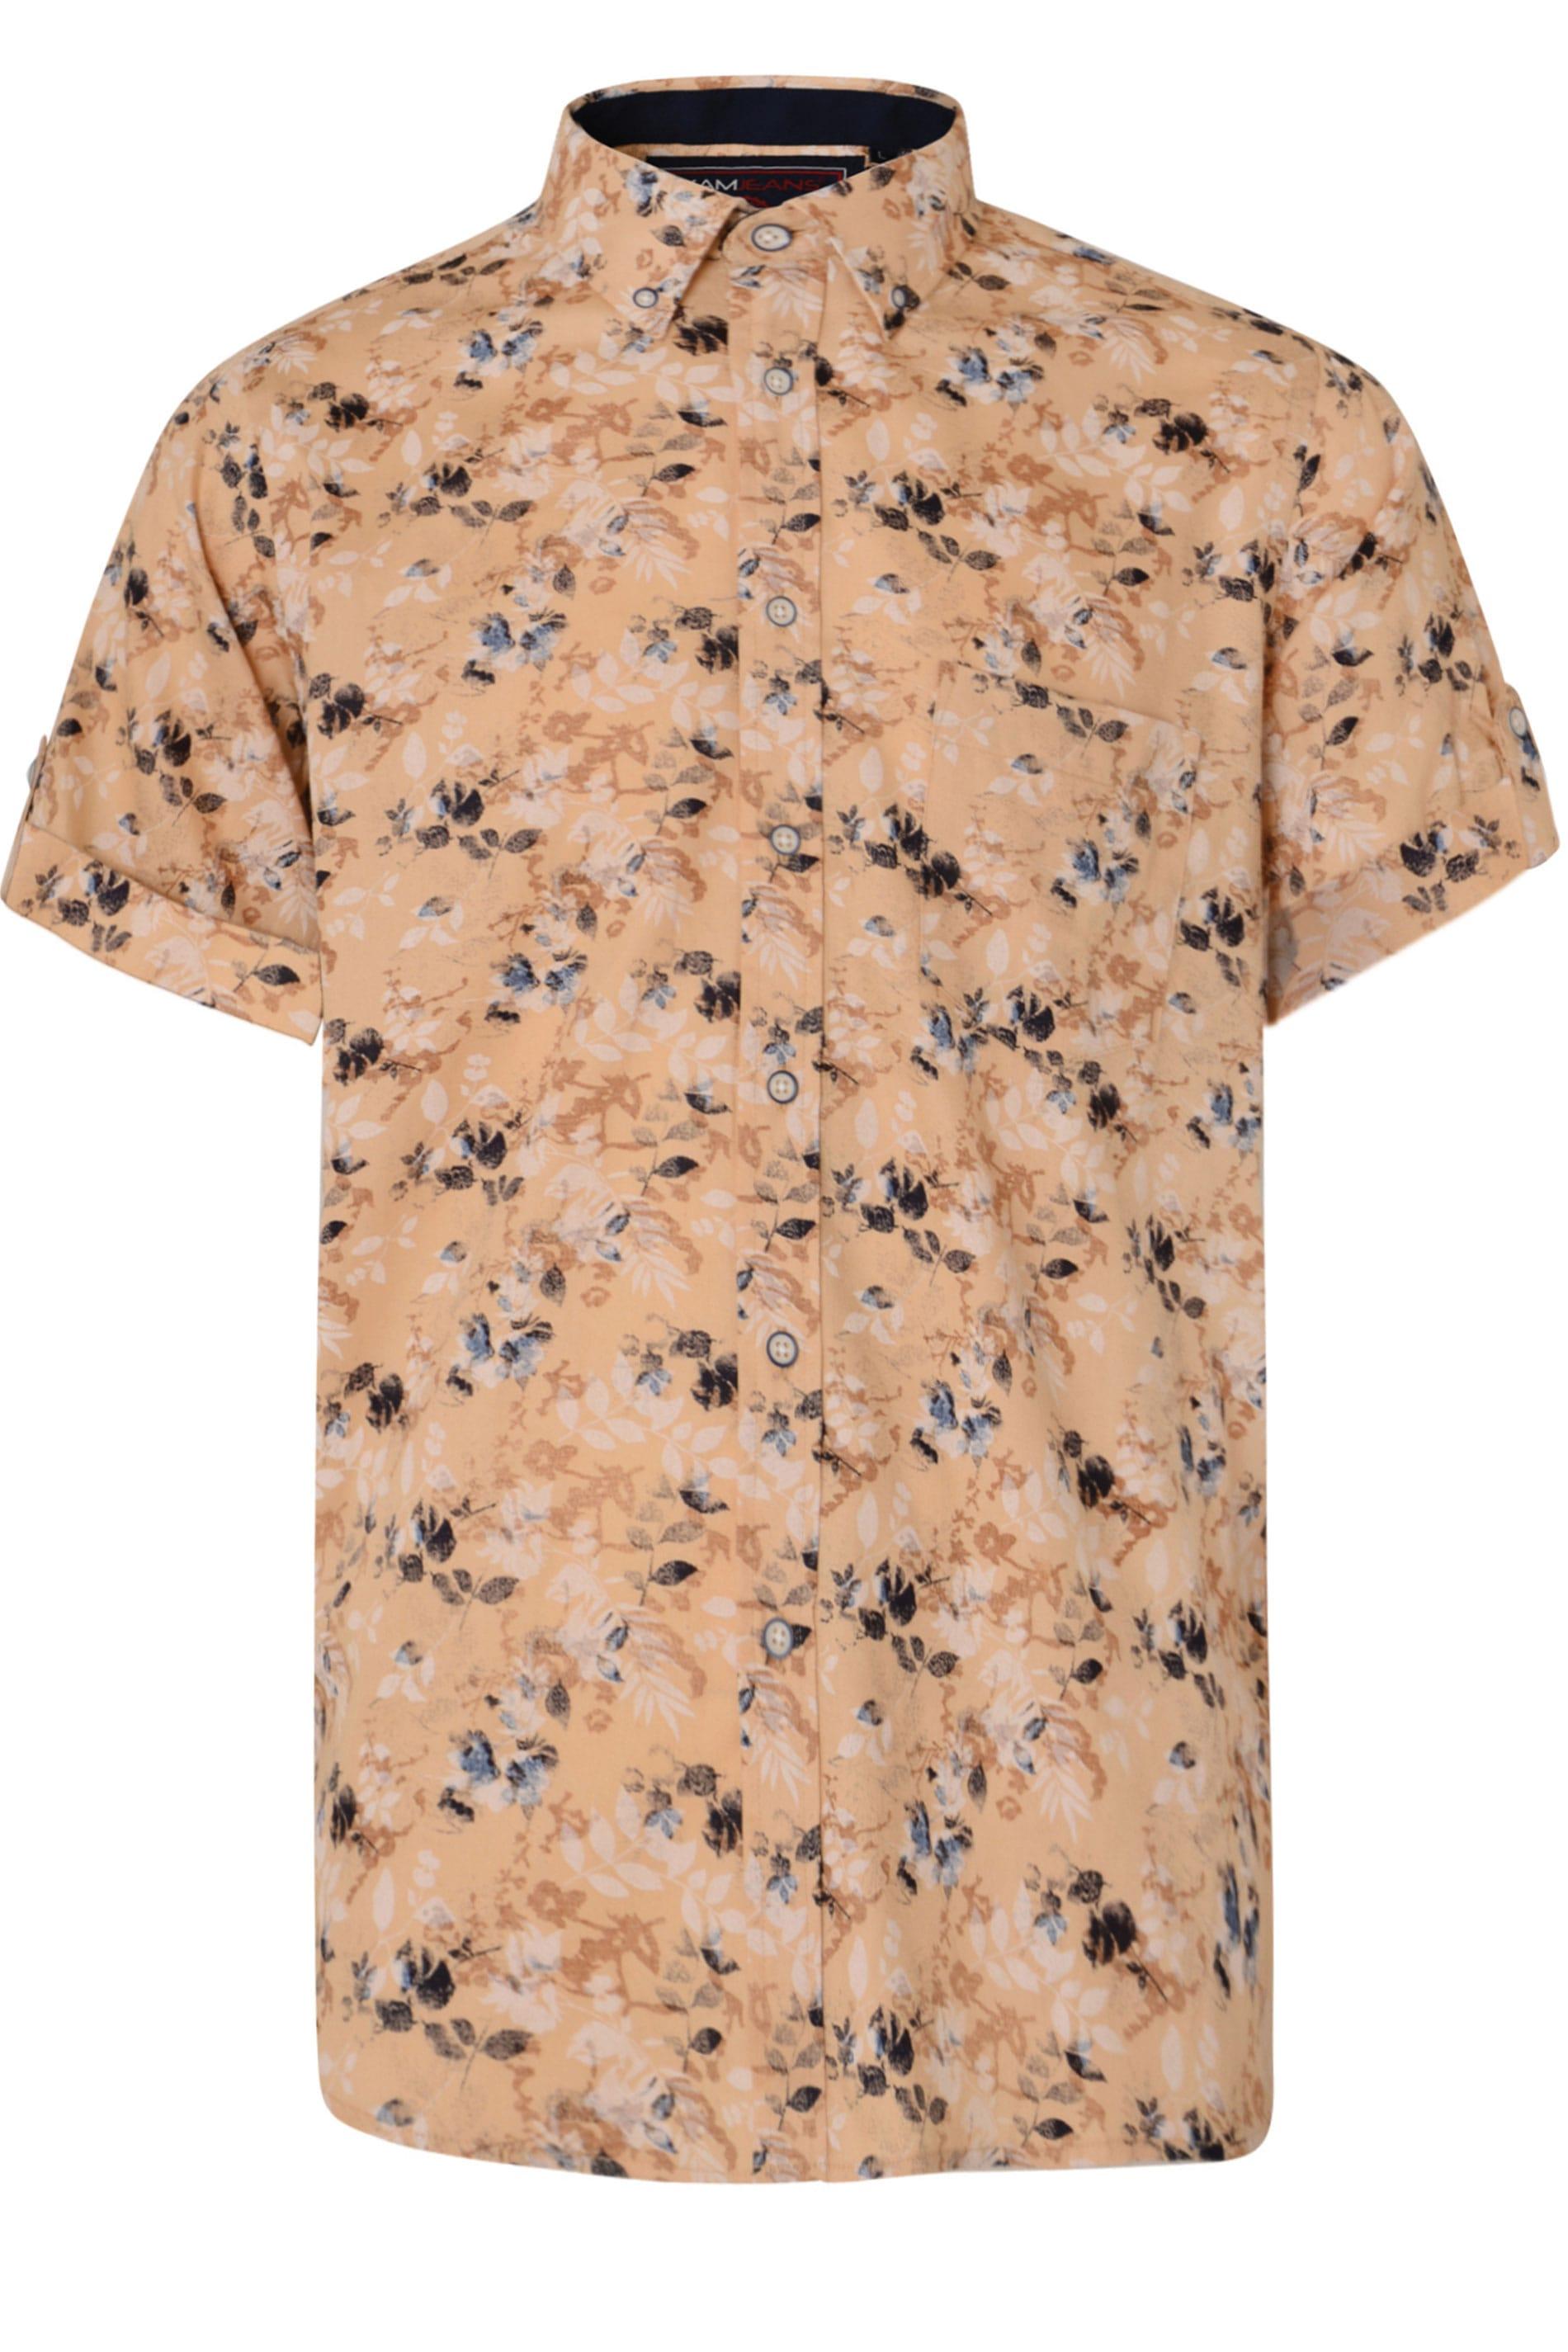 KAM Sand Floral Print Shirt